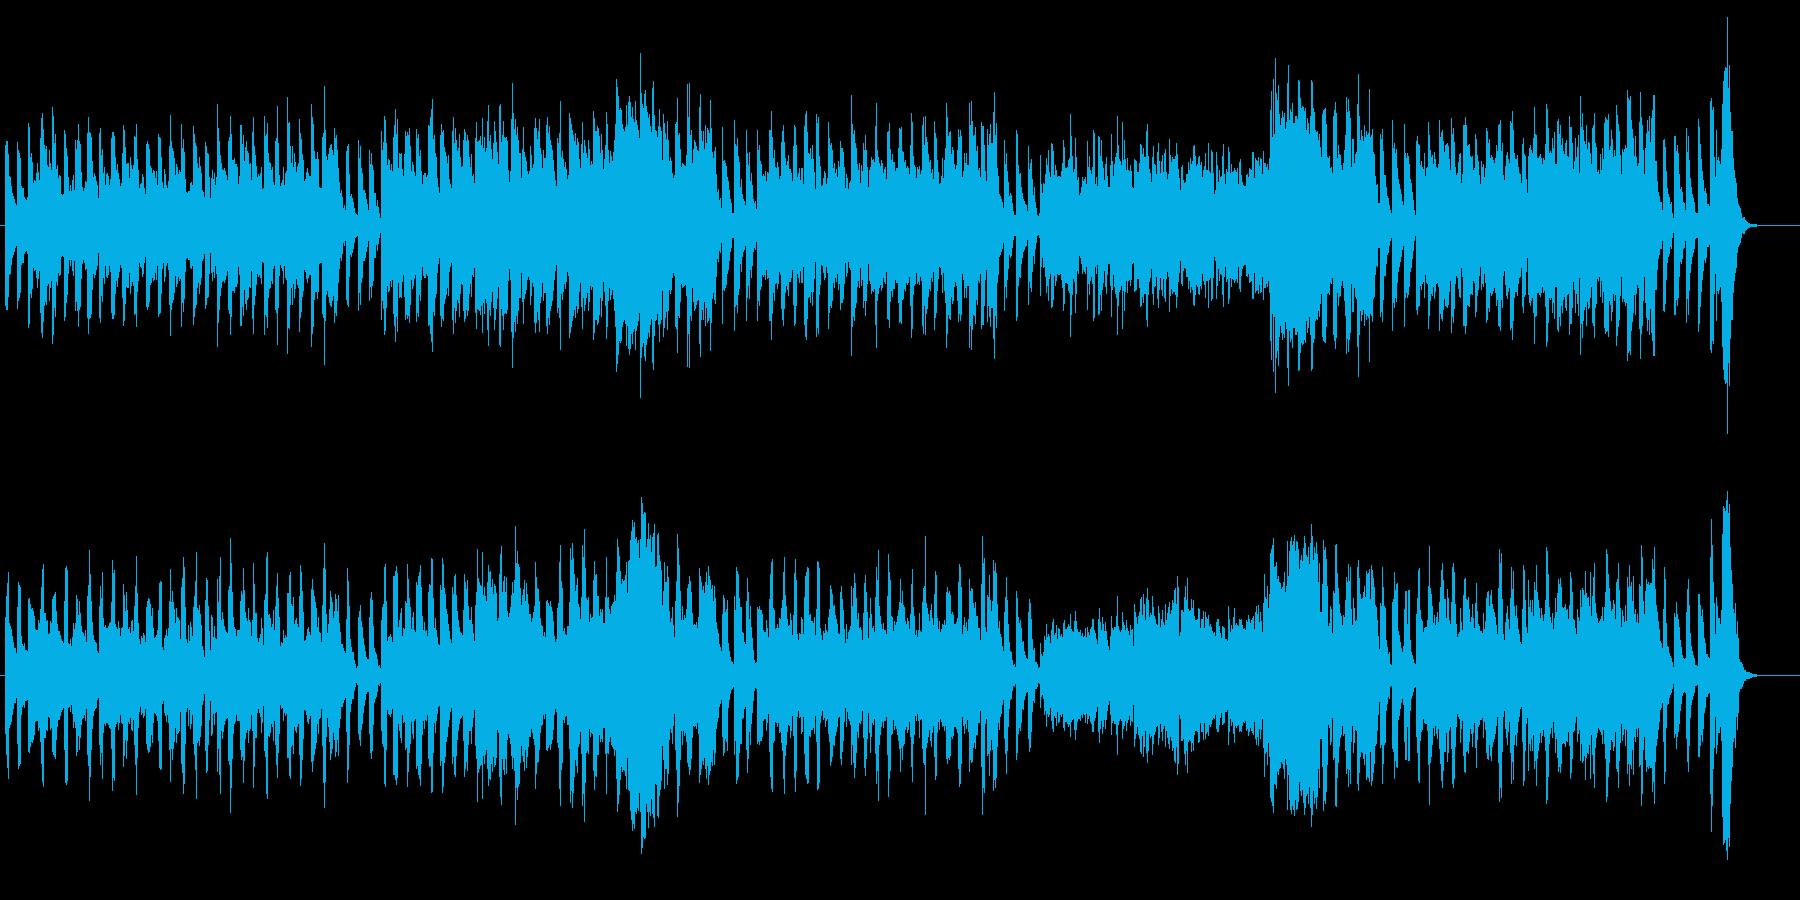 堂々と入場する力強いオーケストラ風BGMの再生済みの波形